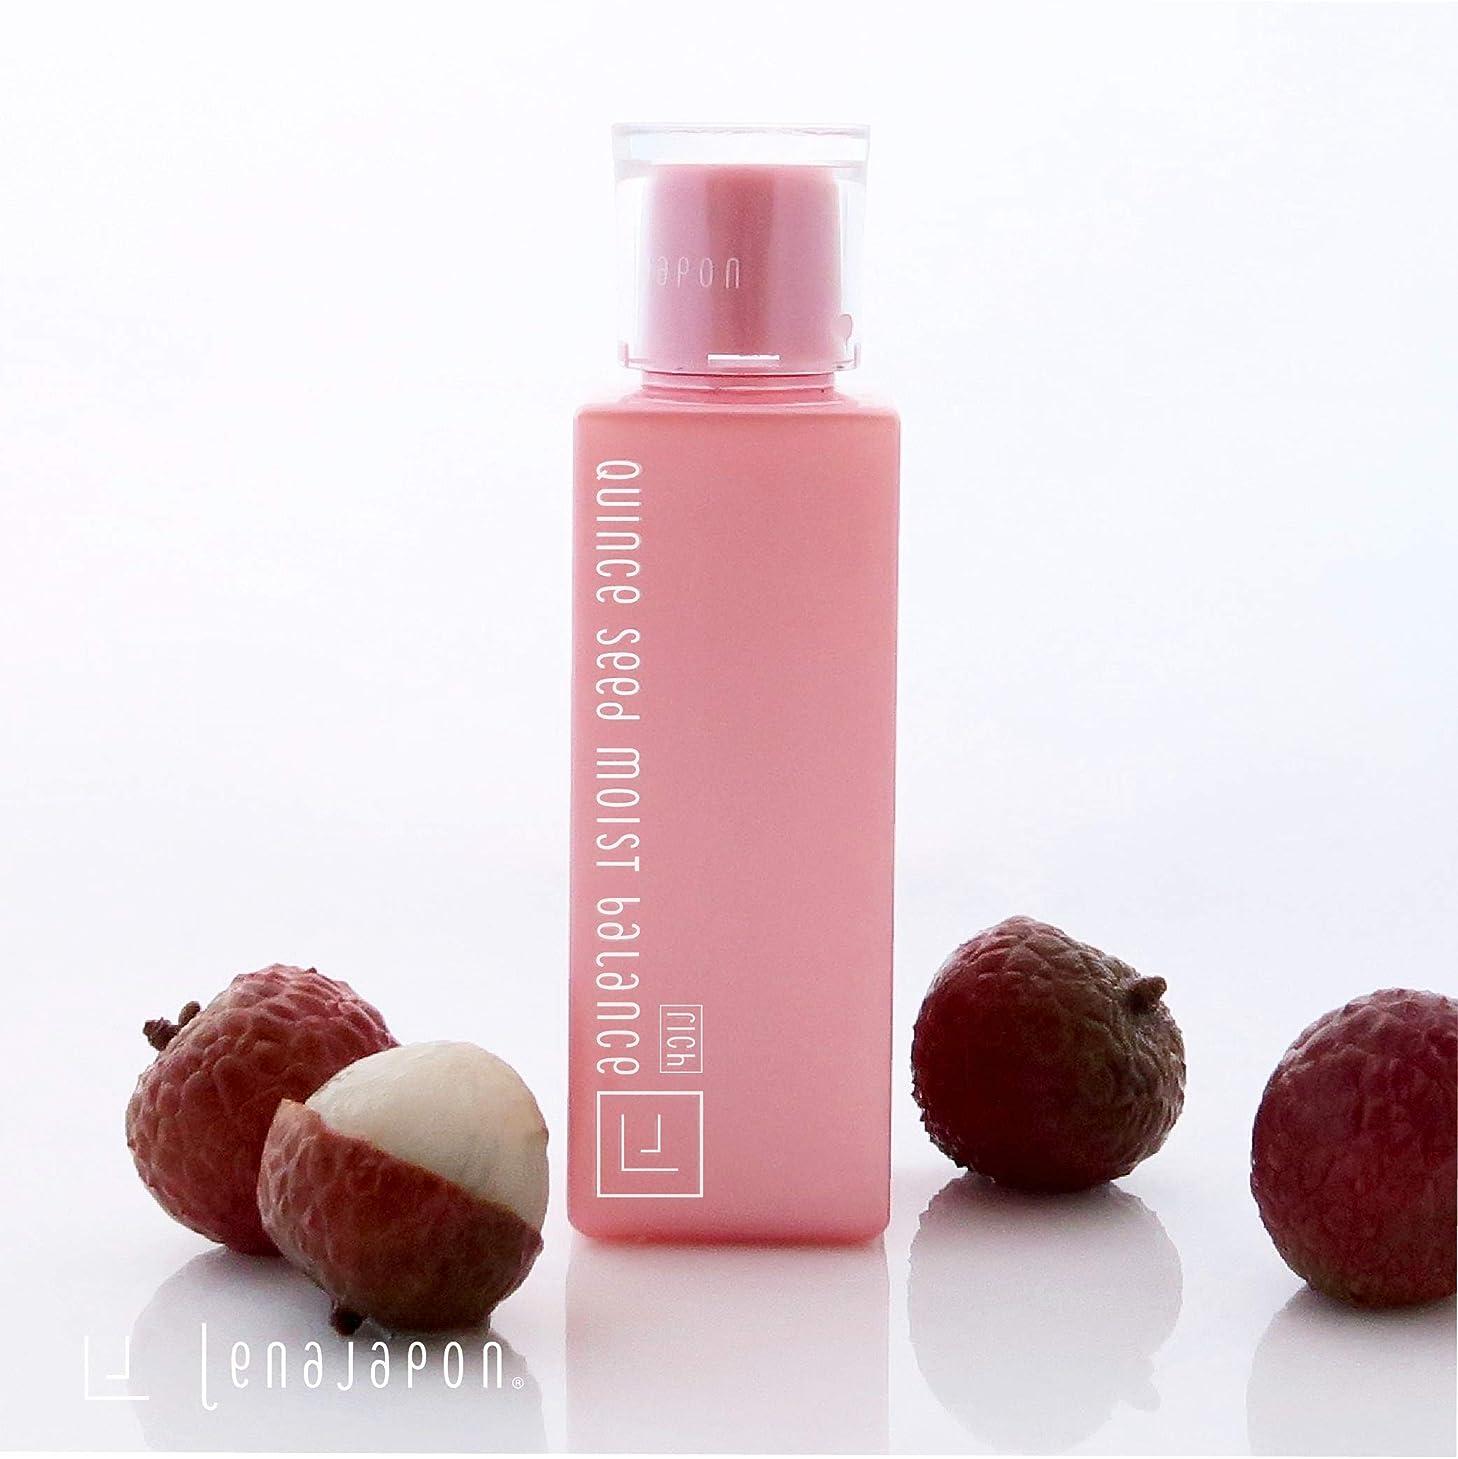 ハリウッド洗練された巨大レナジャポン〈美容化粧液〉LJ モイストバランス R(しっとりタイプ)/ LENAJAPON〈moisturizing beauty essential lotion〉LJ MOIST BALANCE R (rich)